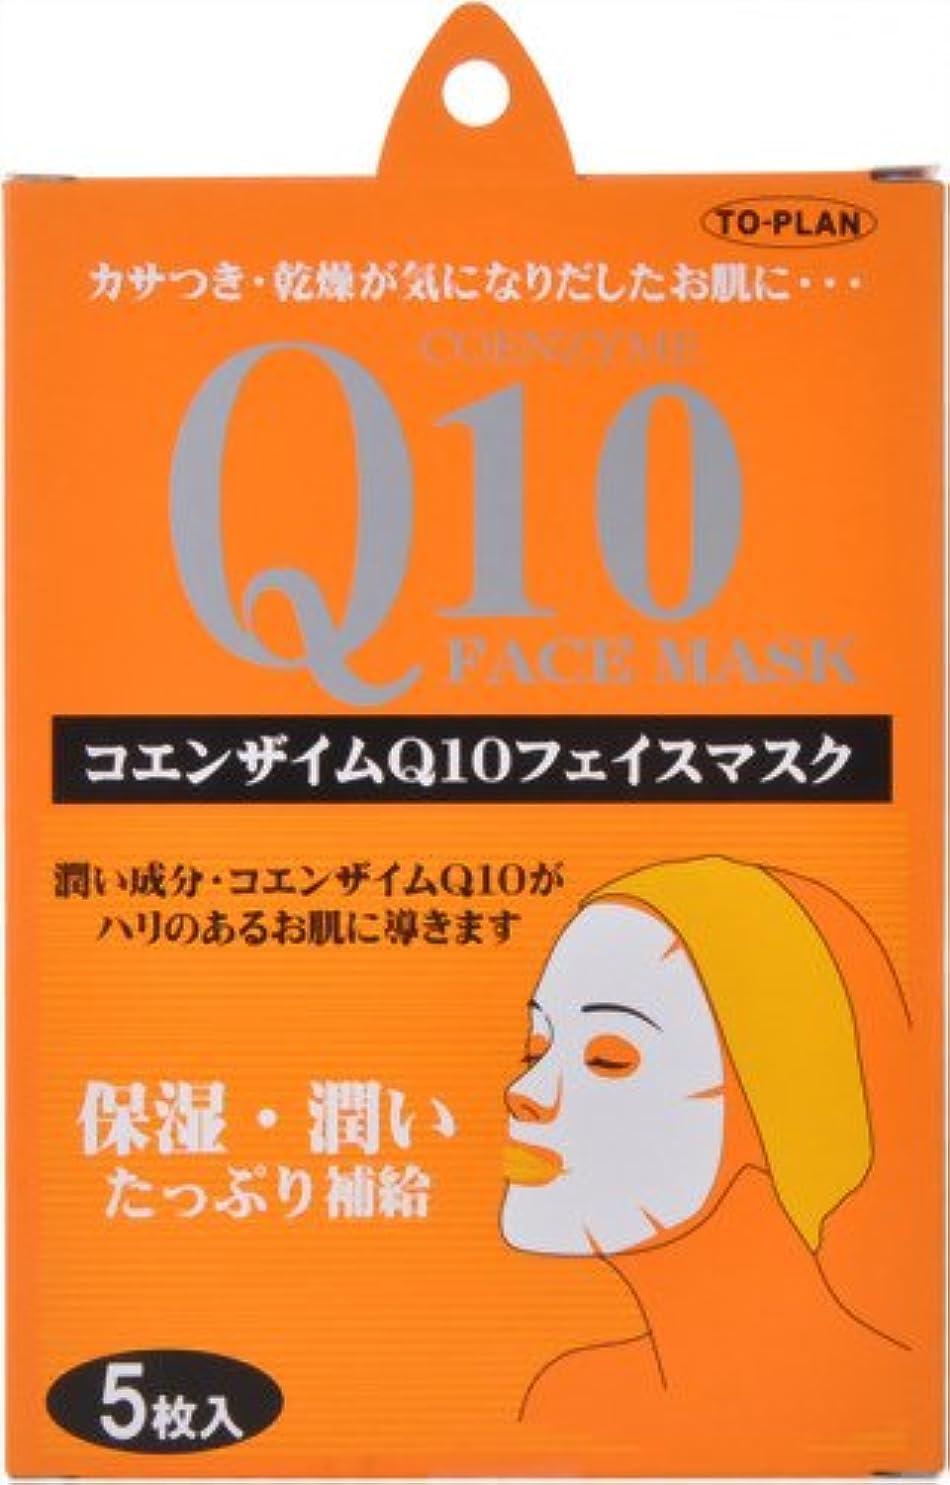 ささやき泥沼ささやきTO-PLAN(トプラン) Q10フェイスマスク 5枚入り